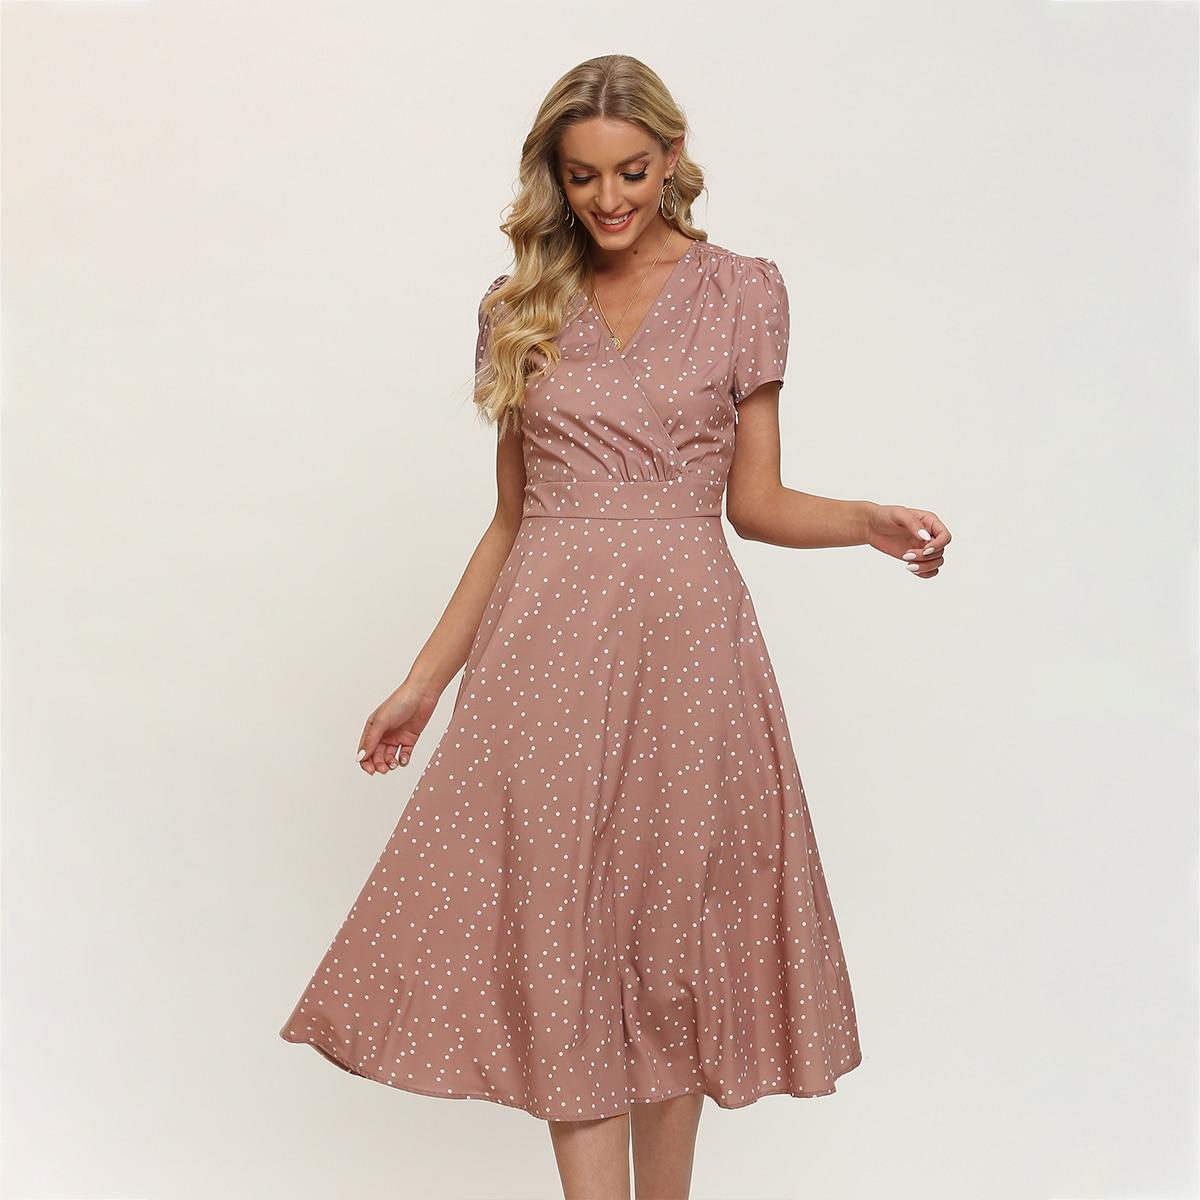 Платье в горошек SheIn swdress31210408482